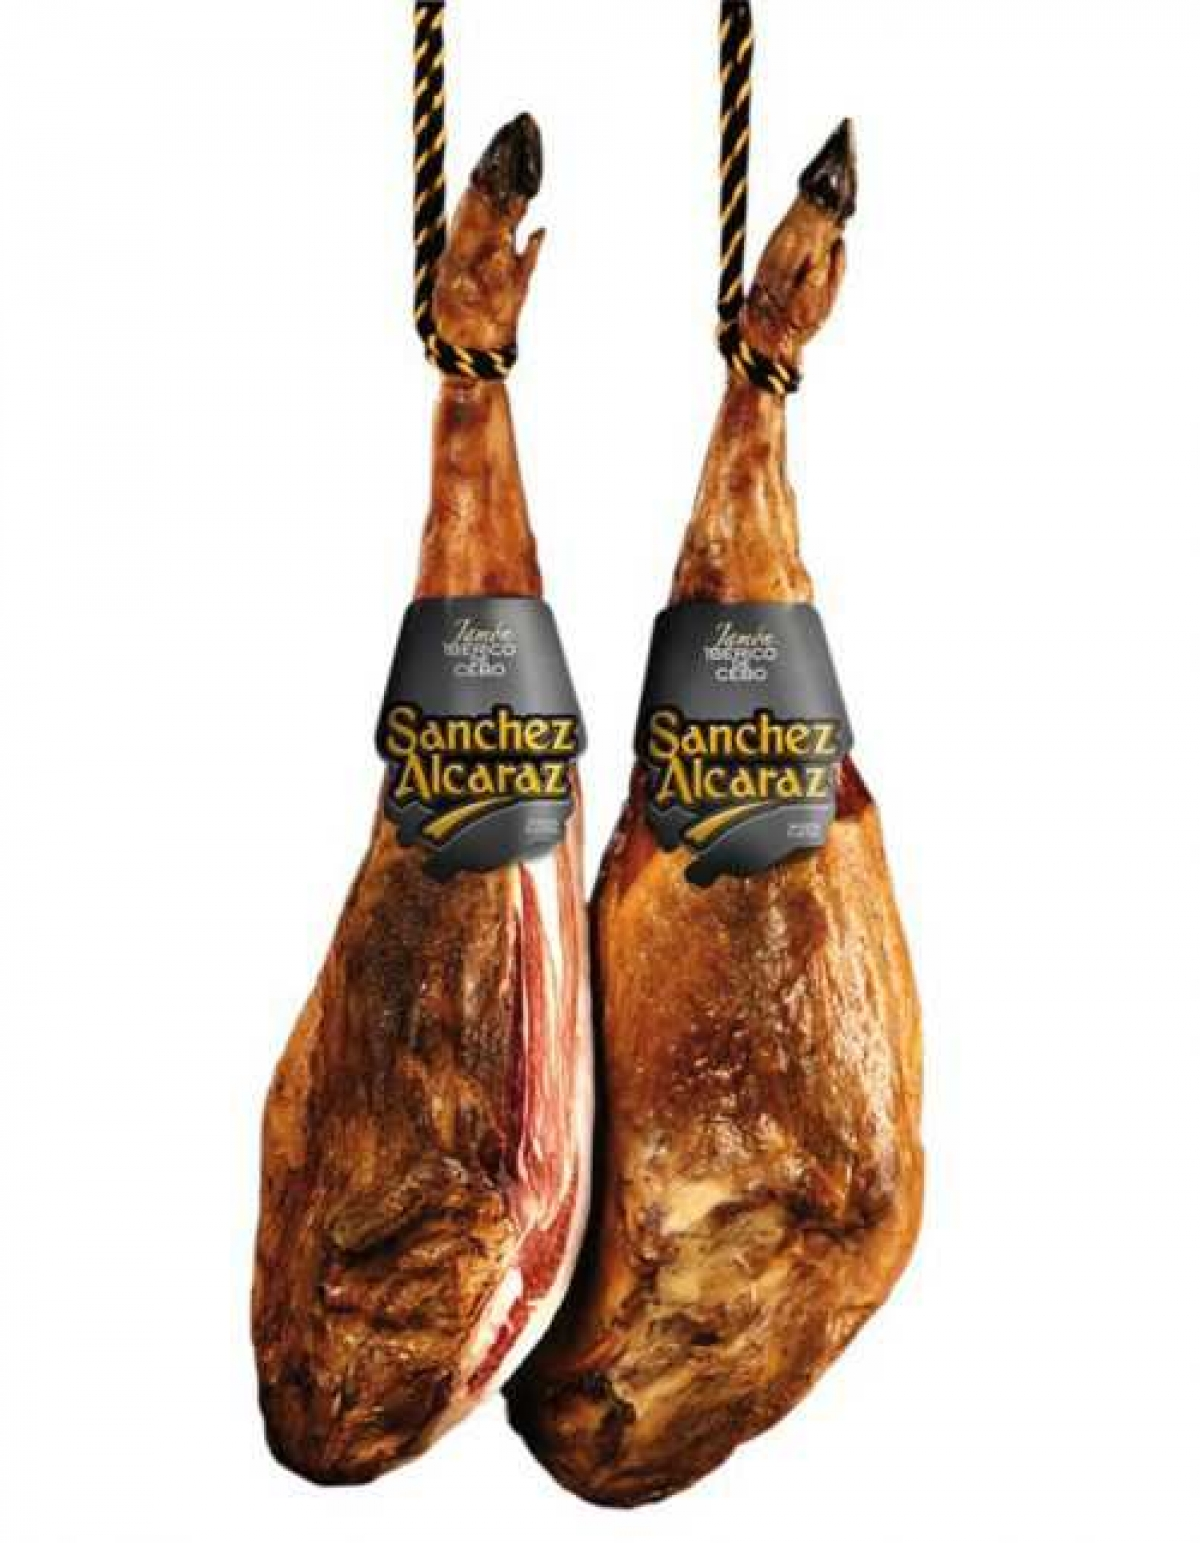 Хамон Иберико себо Санчез Алкараз 7+ кг., 24+ мес.